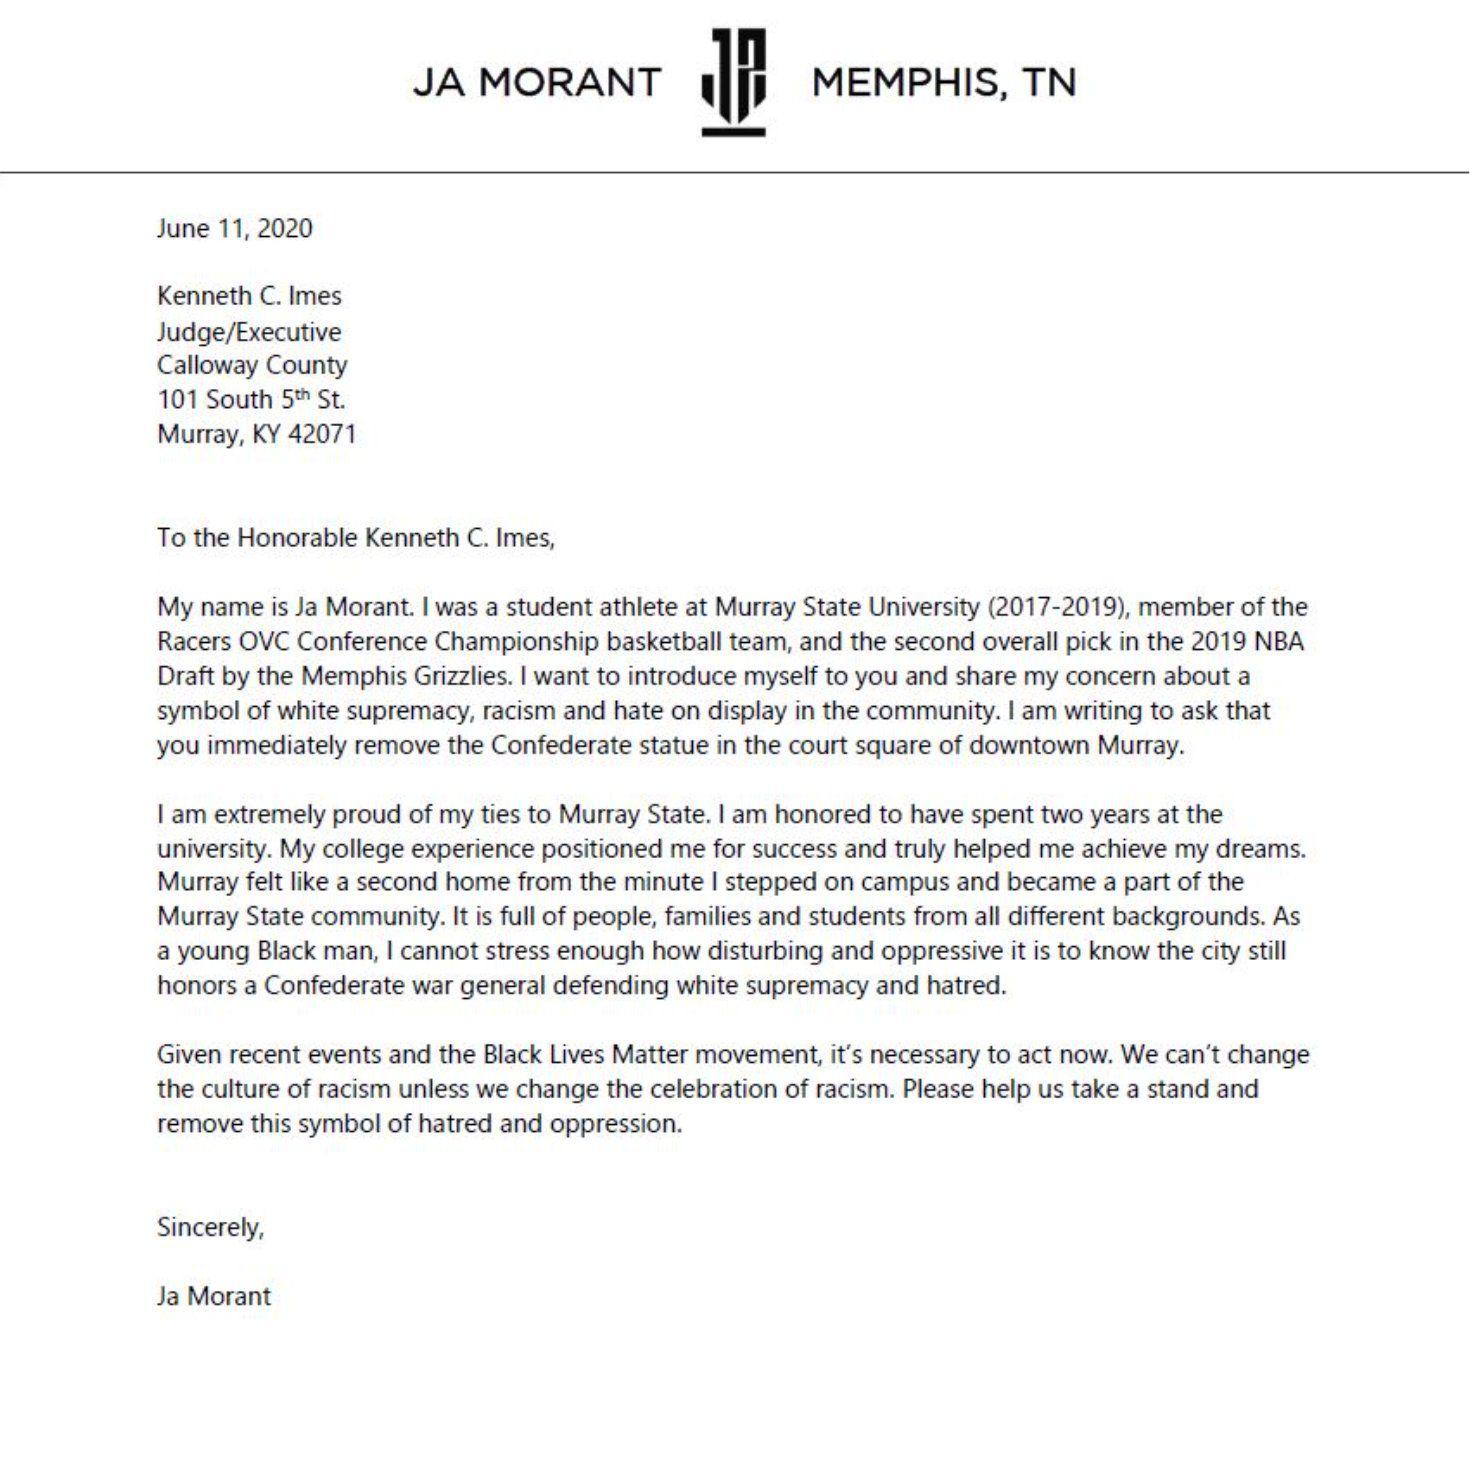 Ja Morant veut que l'on retire la statue du général Robert E. Lee